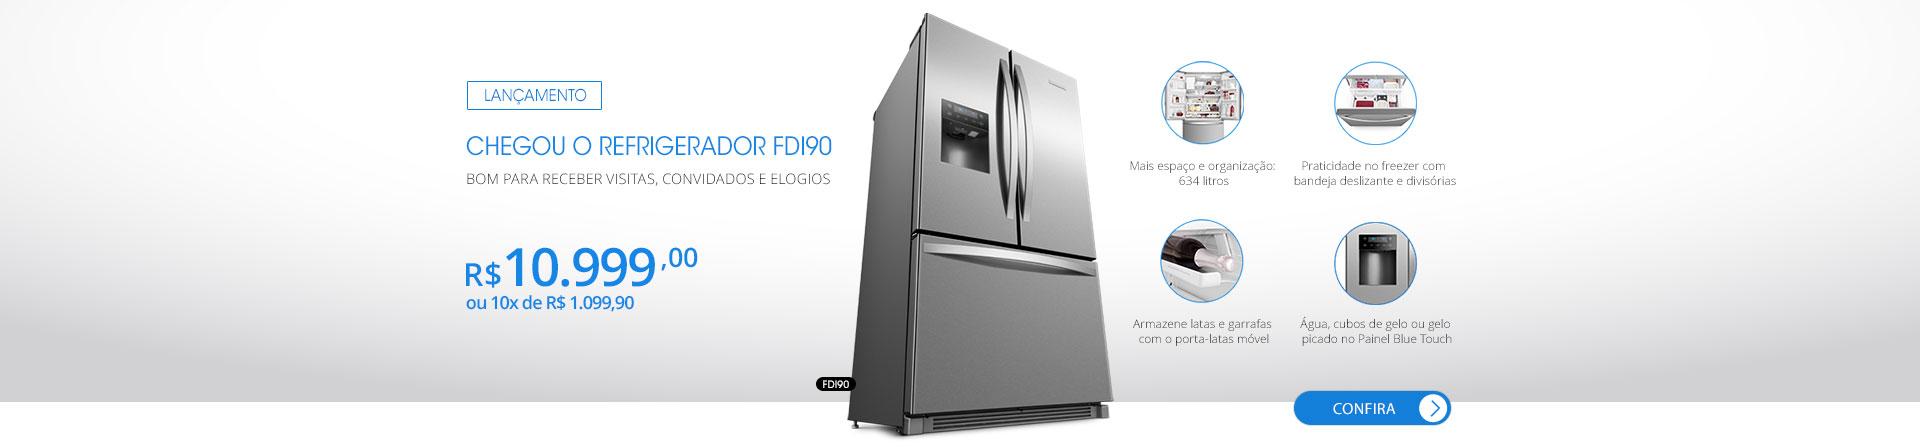 refrigerador-FDI90